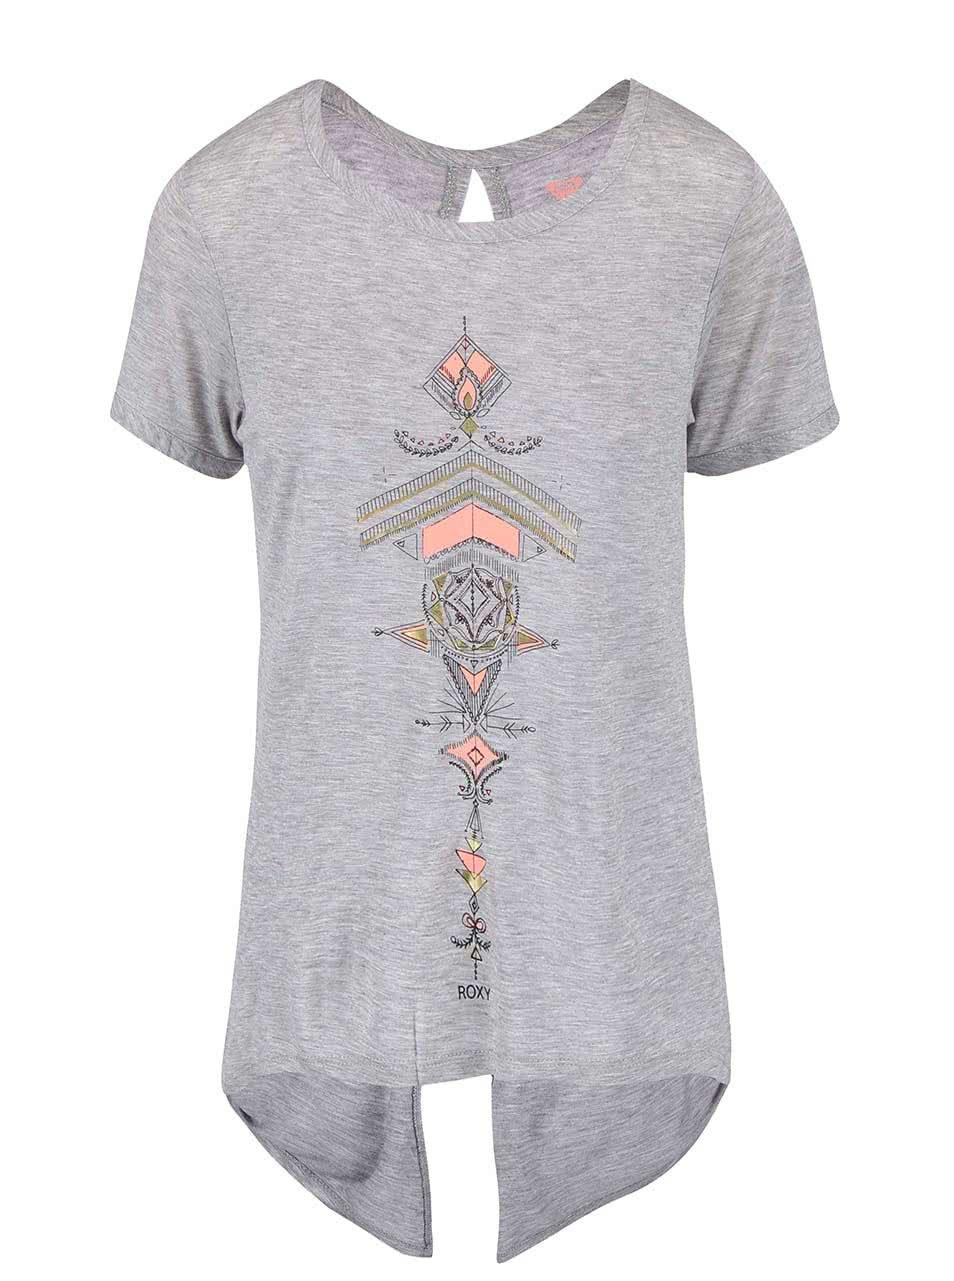 Šedé tričko s potiskem Roxy Sunset Tattoo